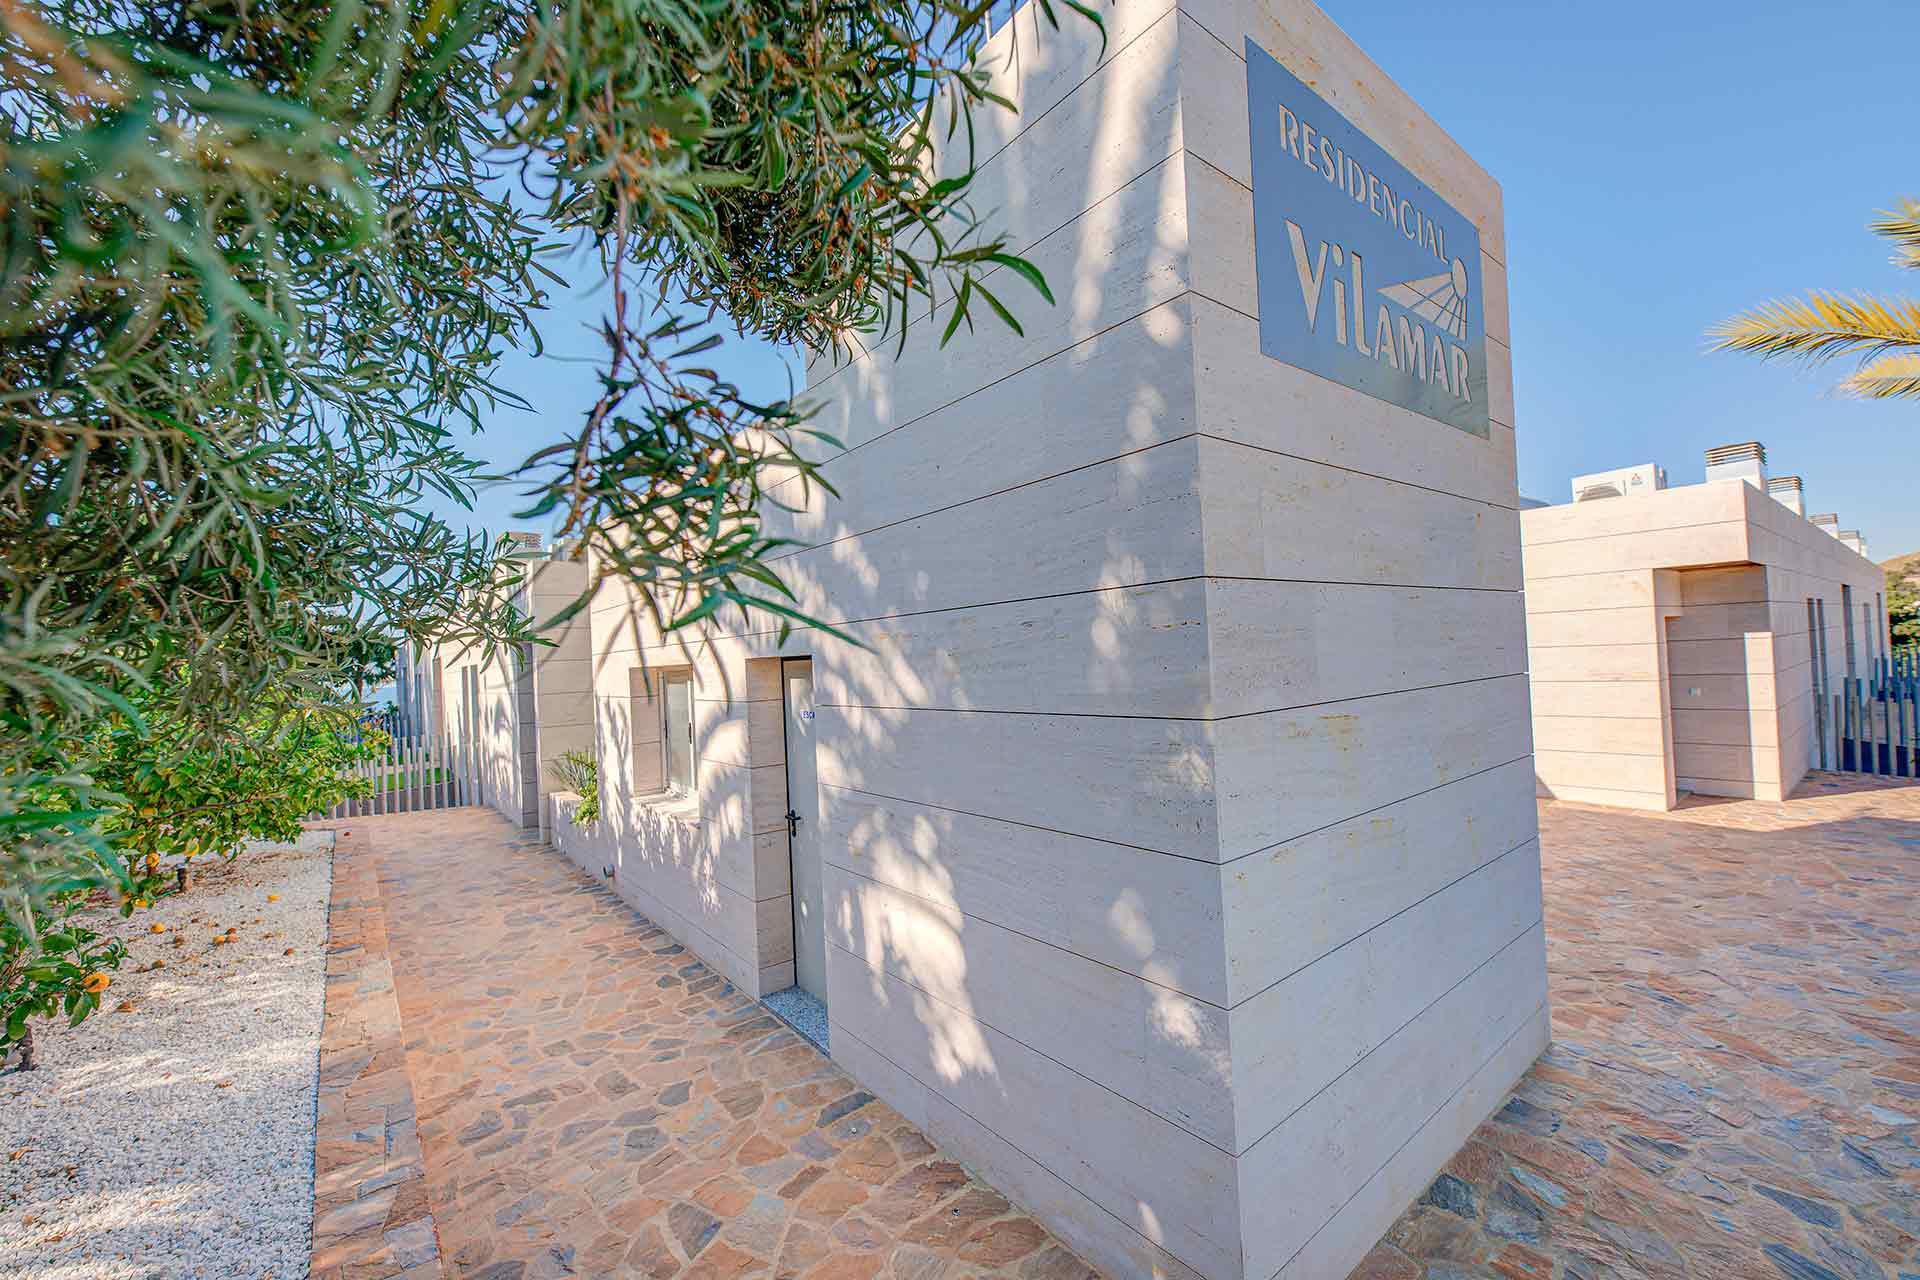 Pisos en la playa de Villajoyosa, Apartamento en Villajoyosa, Casa de playa en Villajoyosa, Residencial Vilamar, Promociones Orsan, Inmobiliaria en Villajoyosa, Casas con vistas al mar en Villajoyosa, Pisos Idealista Villajoyosa, Hotel Montíboli, Viviendas en Villajoyosa.